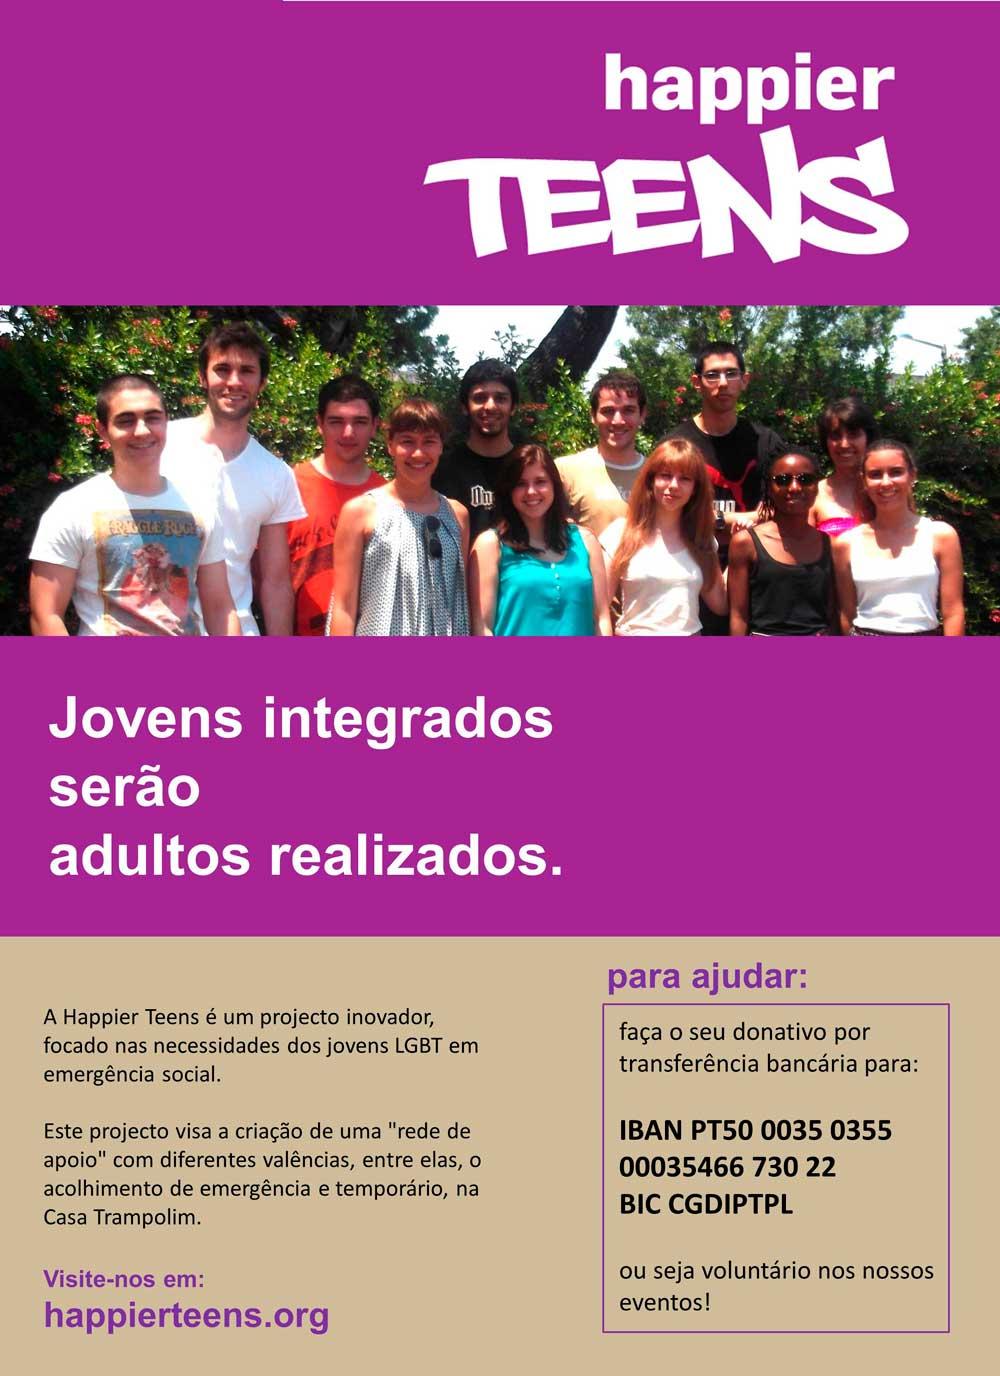 projecto Happier Teens